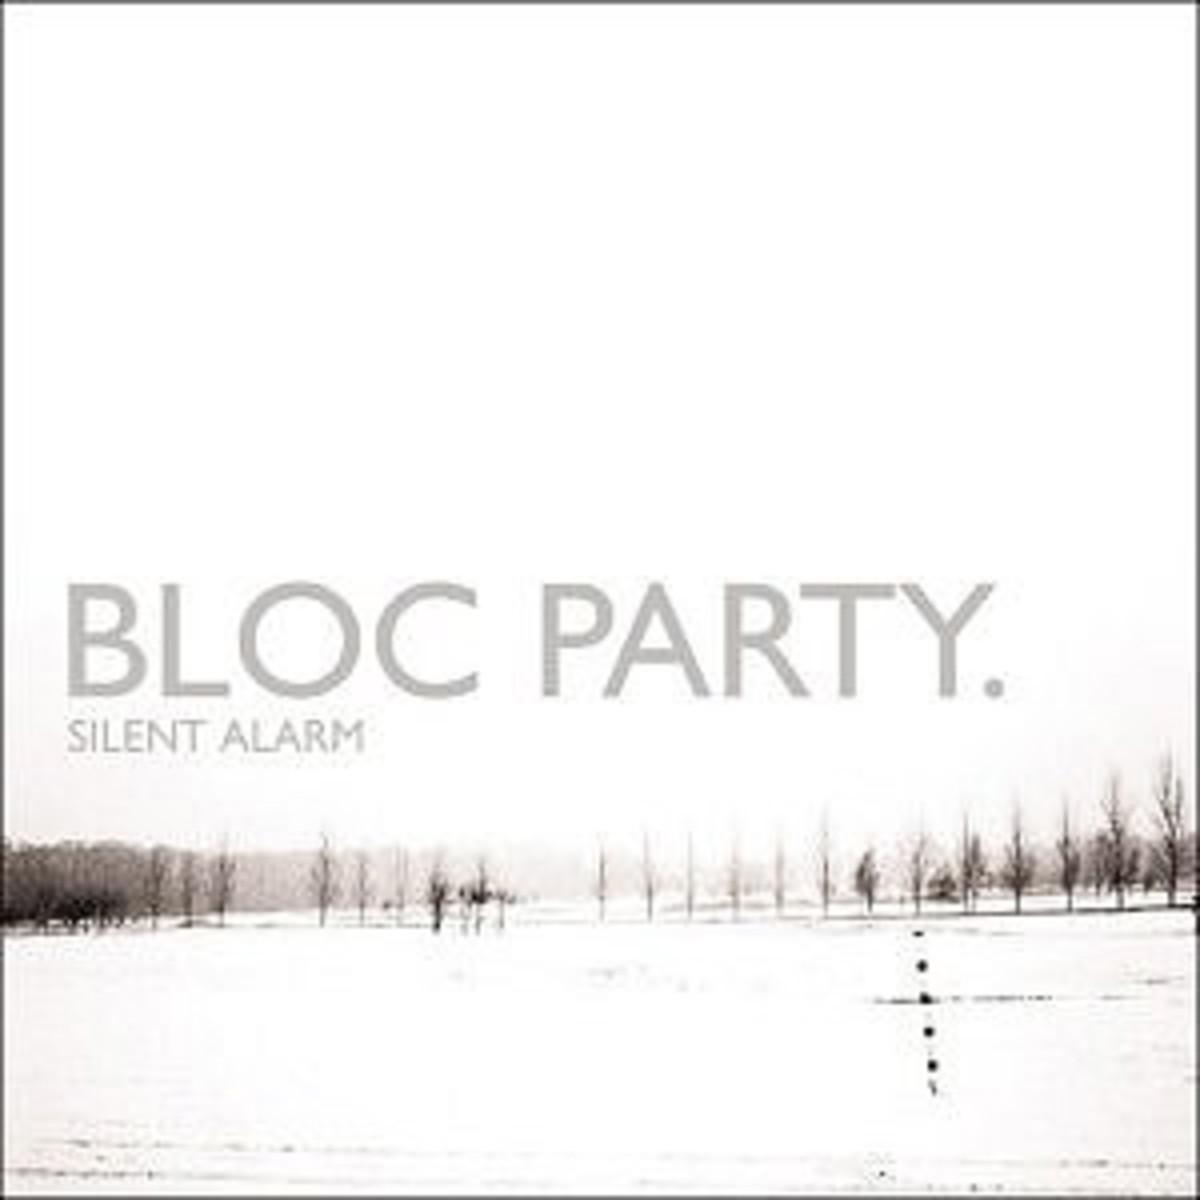 bloc.party